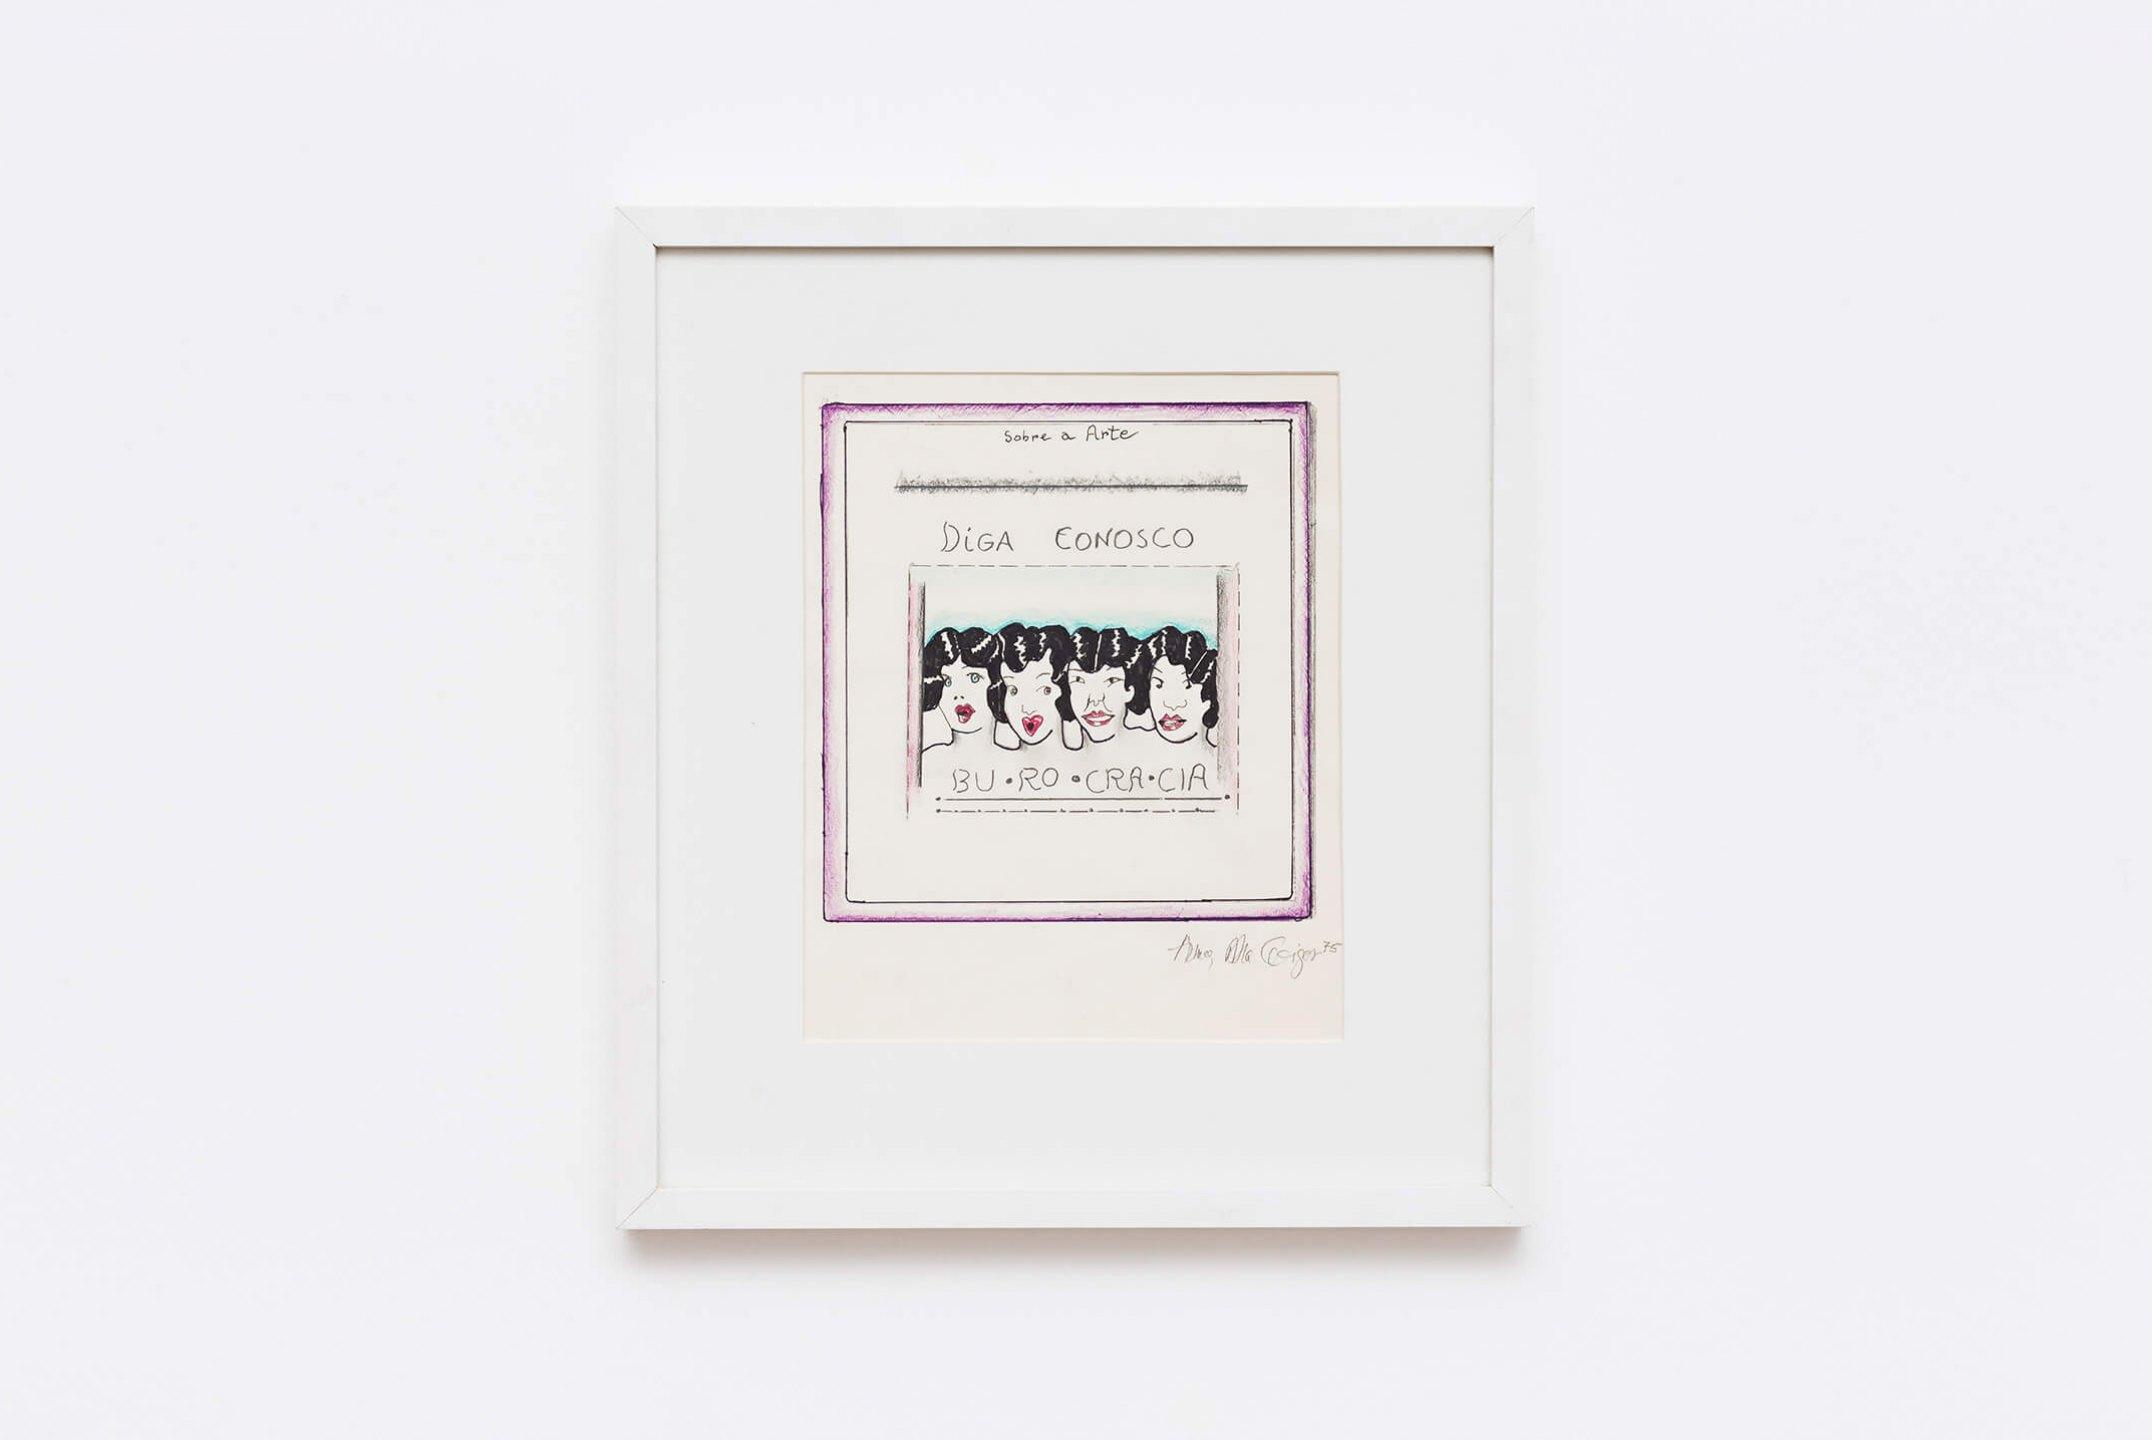 Anna Bella Geiger,<em>Burocracia</em>, 1975, nankin, watercolor and color pencil, 38 × 43 cm - Mendes Wood DM